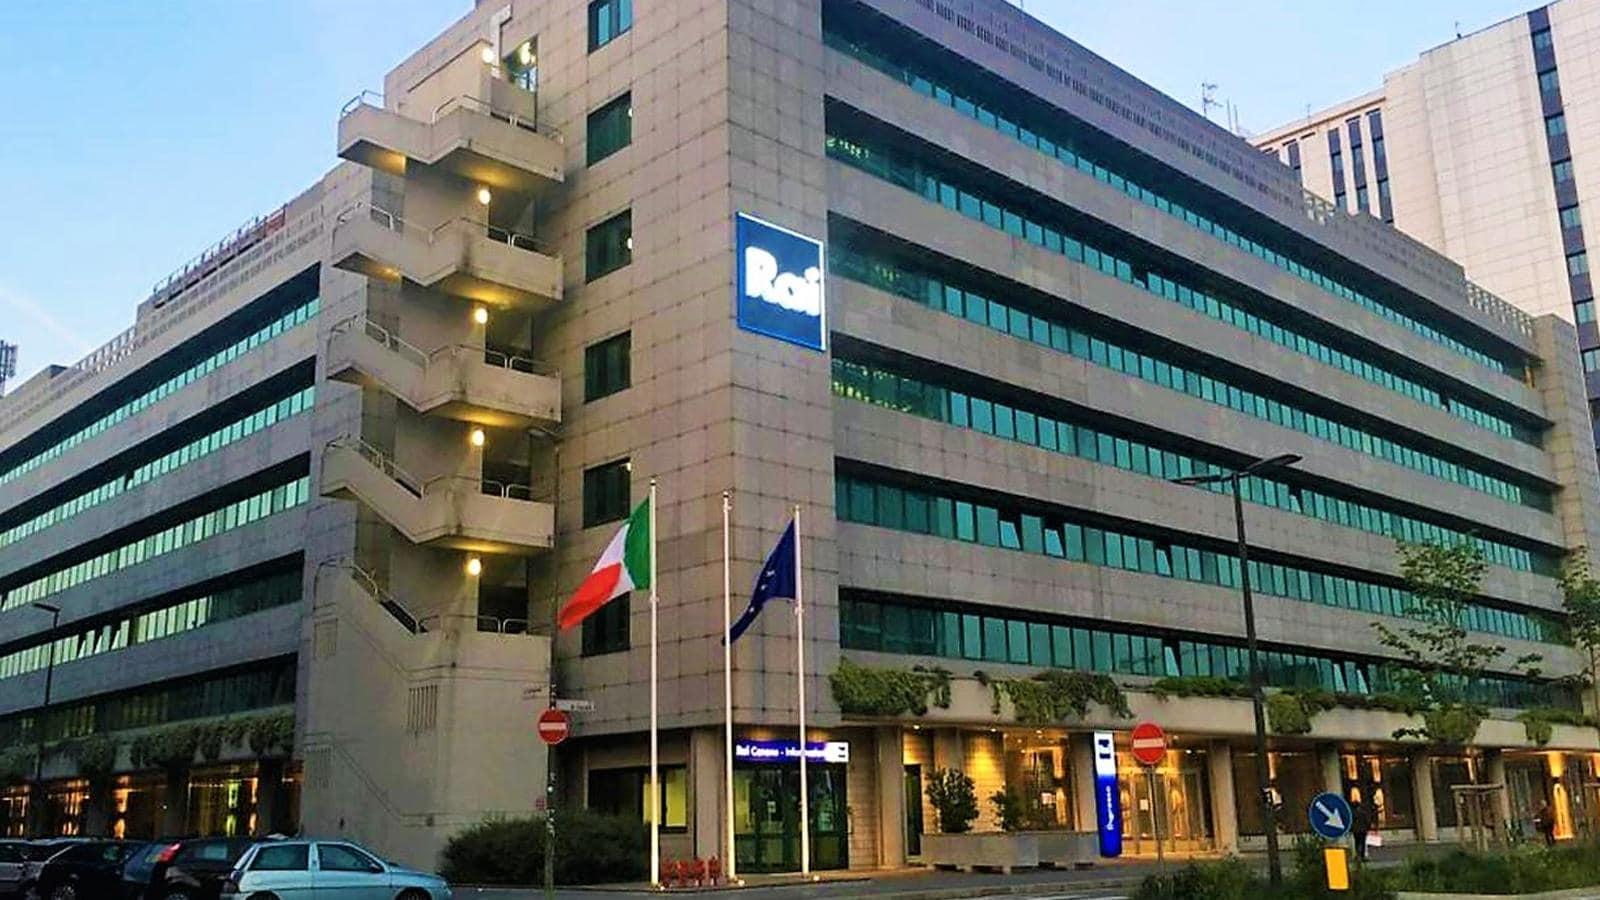 5G e Audiovisivo: sperimentazione tra Rai, MISE e Comune di Torino